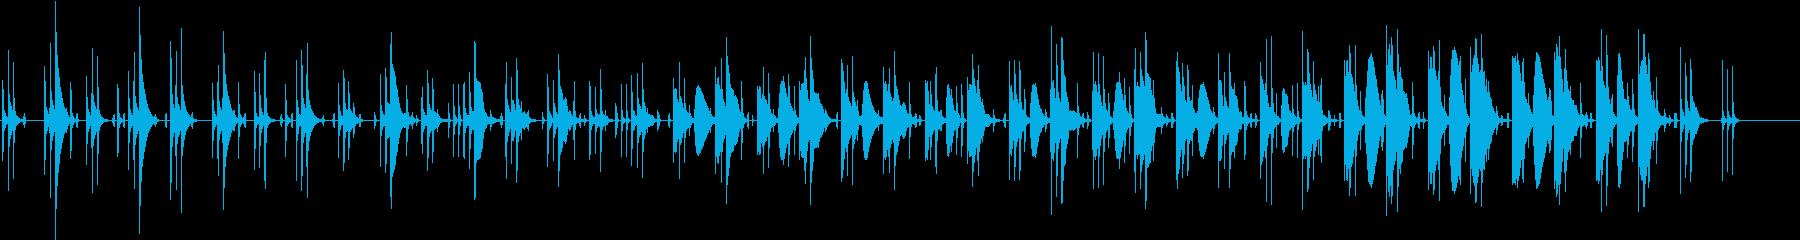 同じフレーズが繰り返される短い曲の再生済みの波形